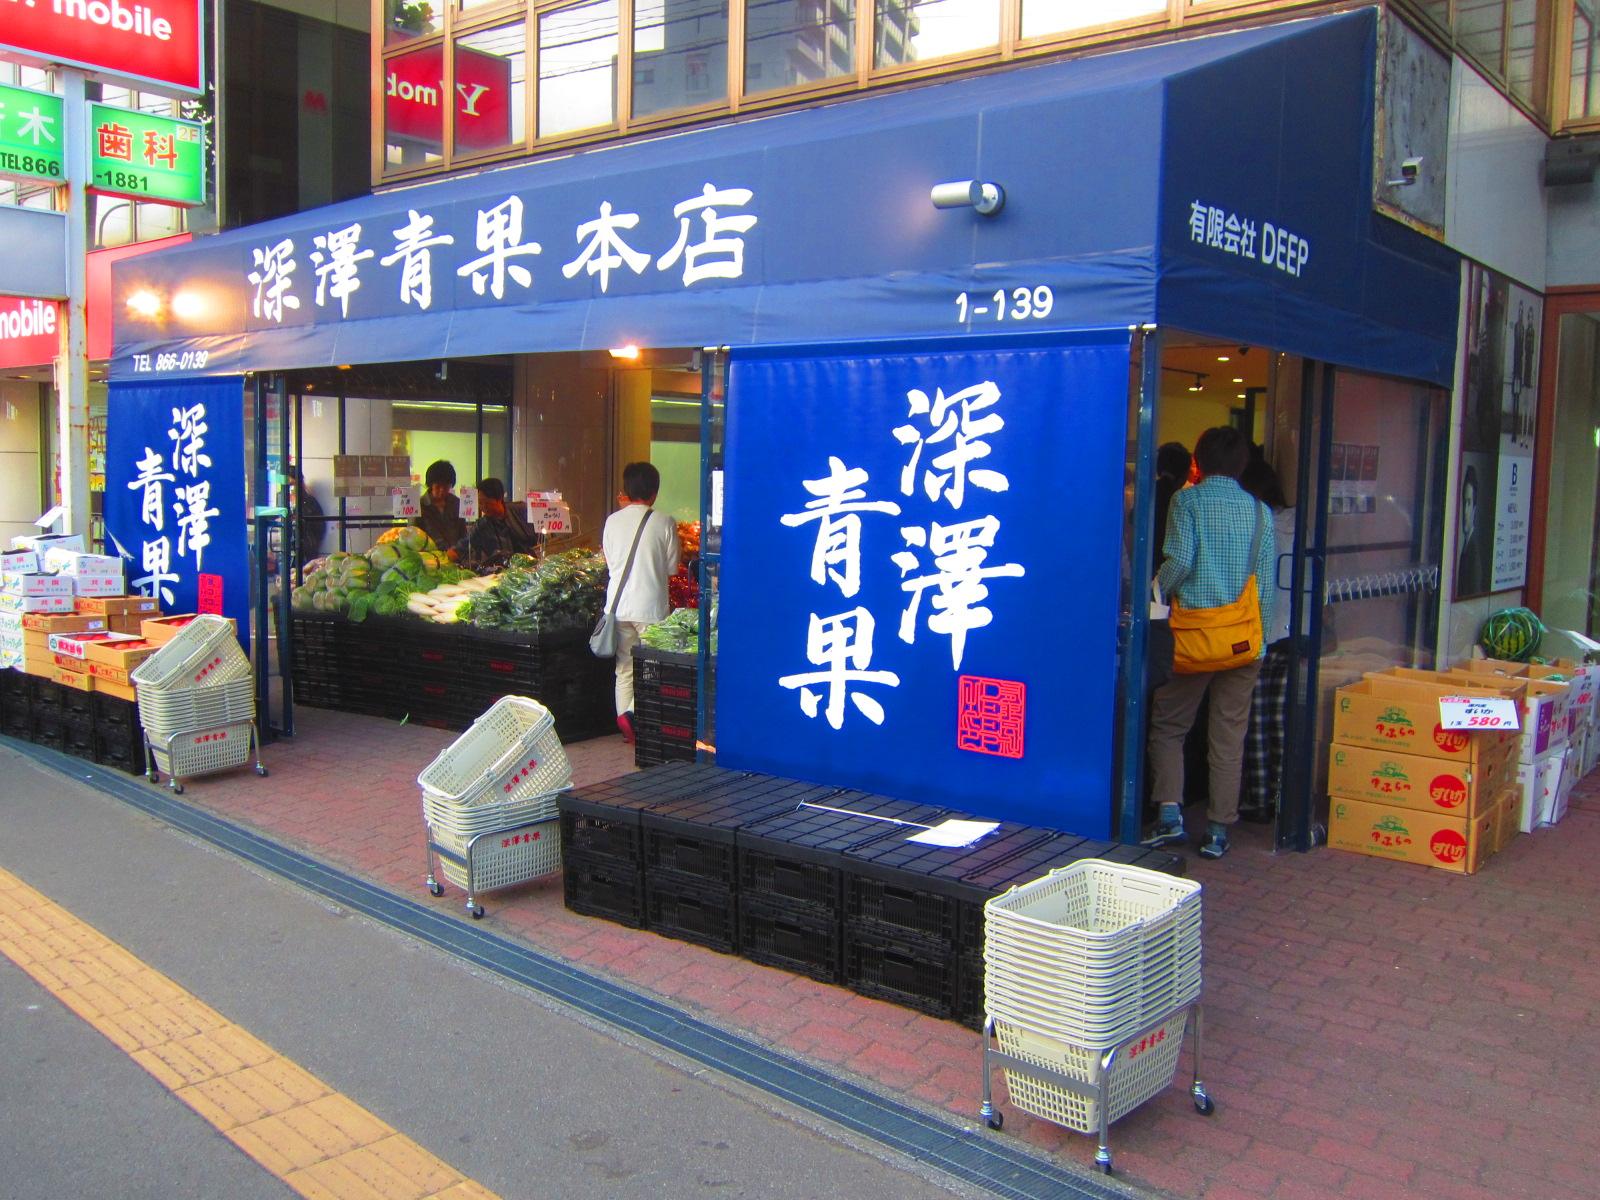 IMG 0024 - コープの近くに深澤青果とゆー八百屋さんがオープン